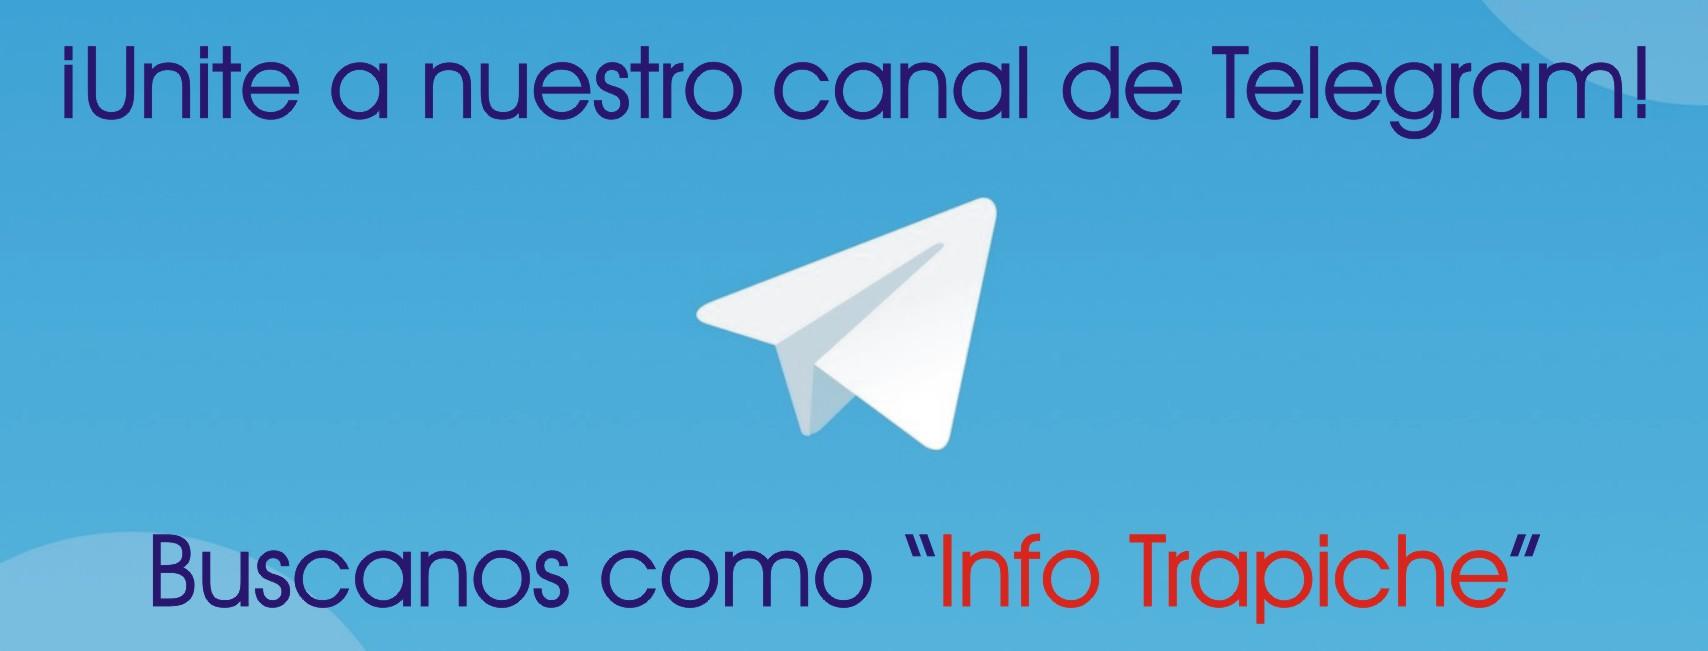 NUESTRO CANAL DE TELEGRAM!